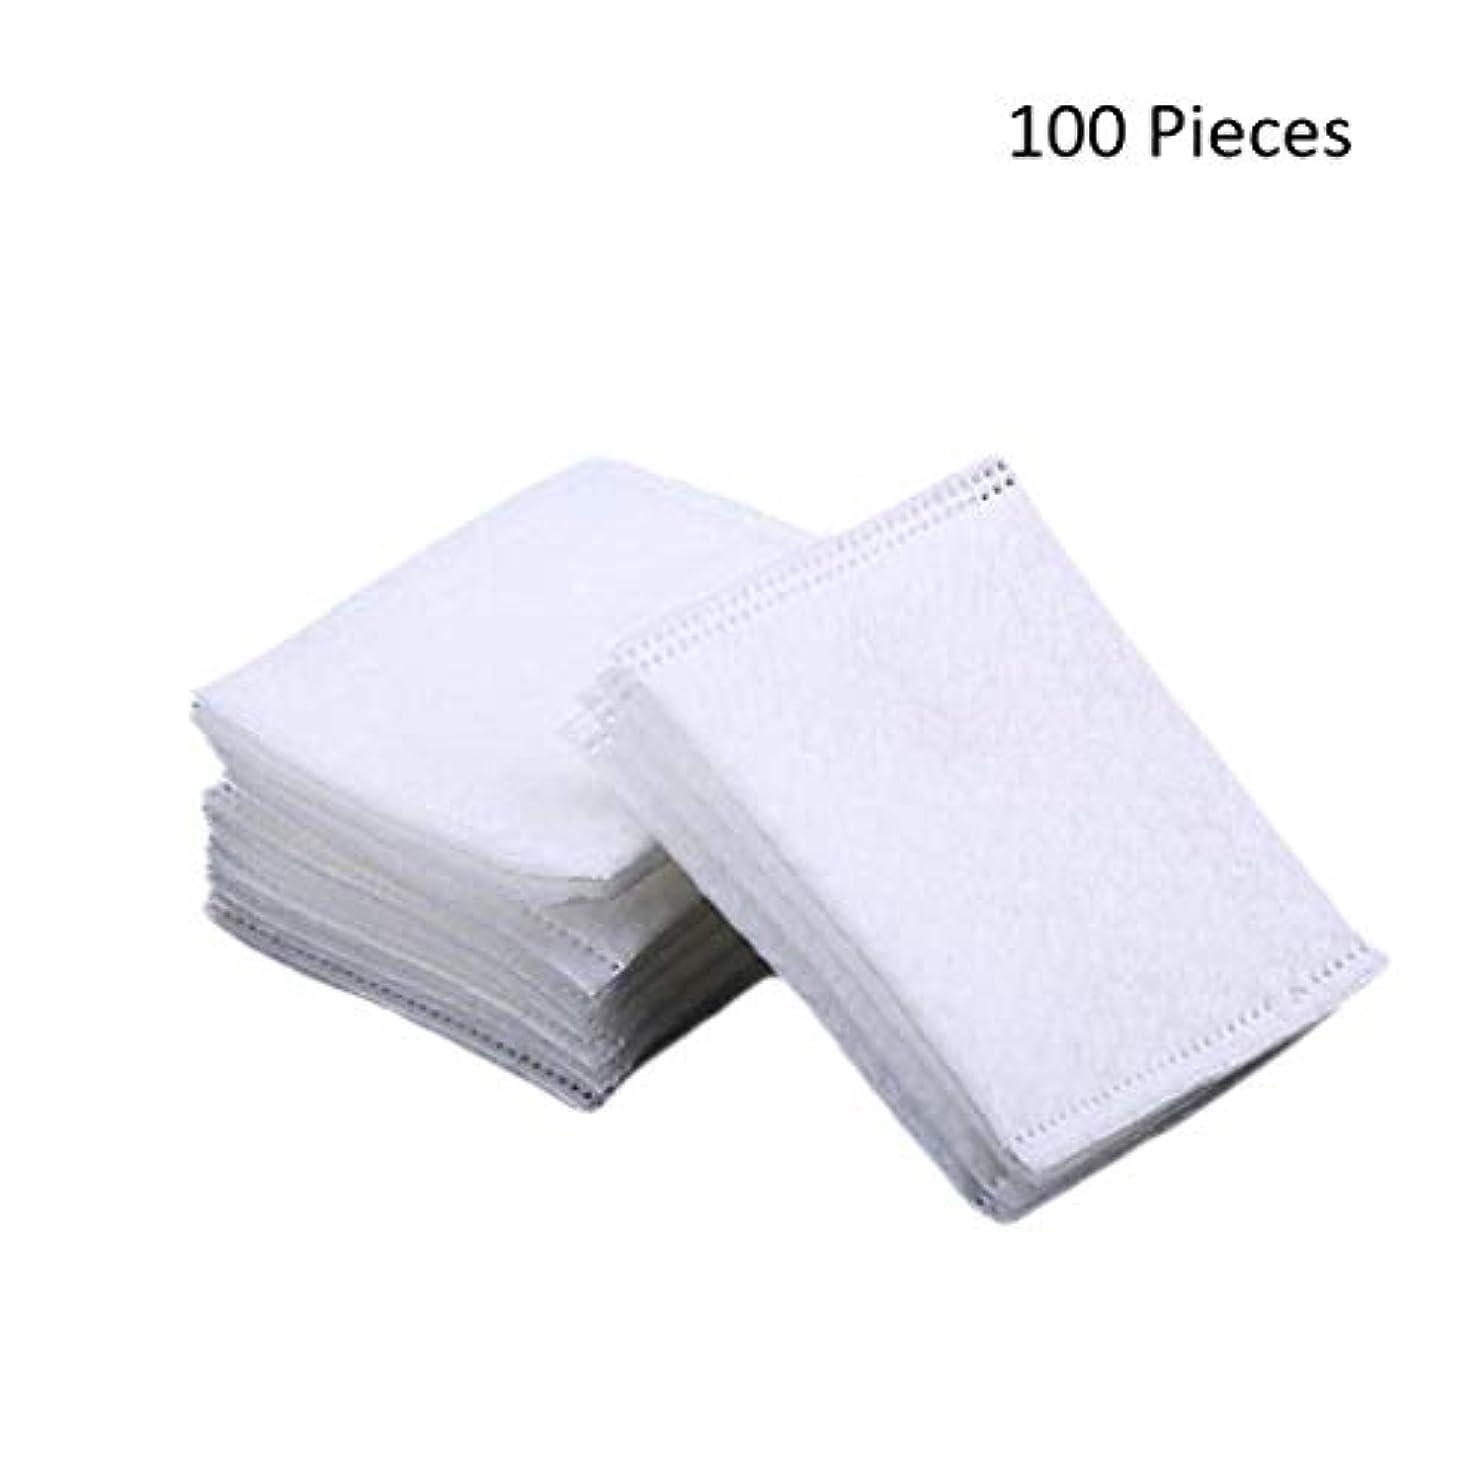 要求するやろうインターネット50/100/220ピースダブルサイドフェイスメイクアップリムーバーコットンパッド密封旅行削除コットンパッドスキン化粧品メイクアップツール (Color : White, サイズ : 100 Pieces)